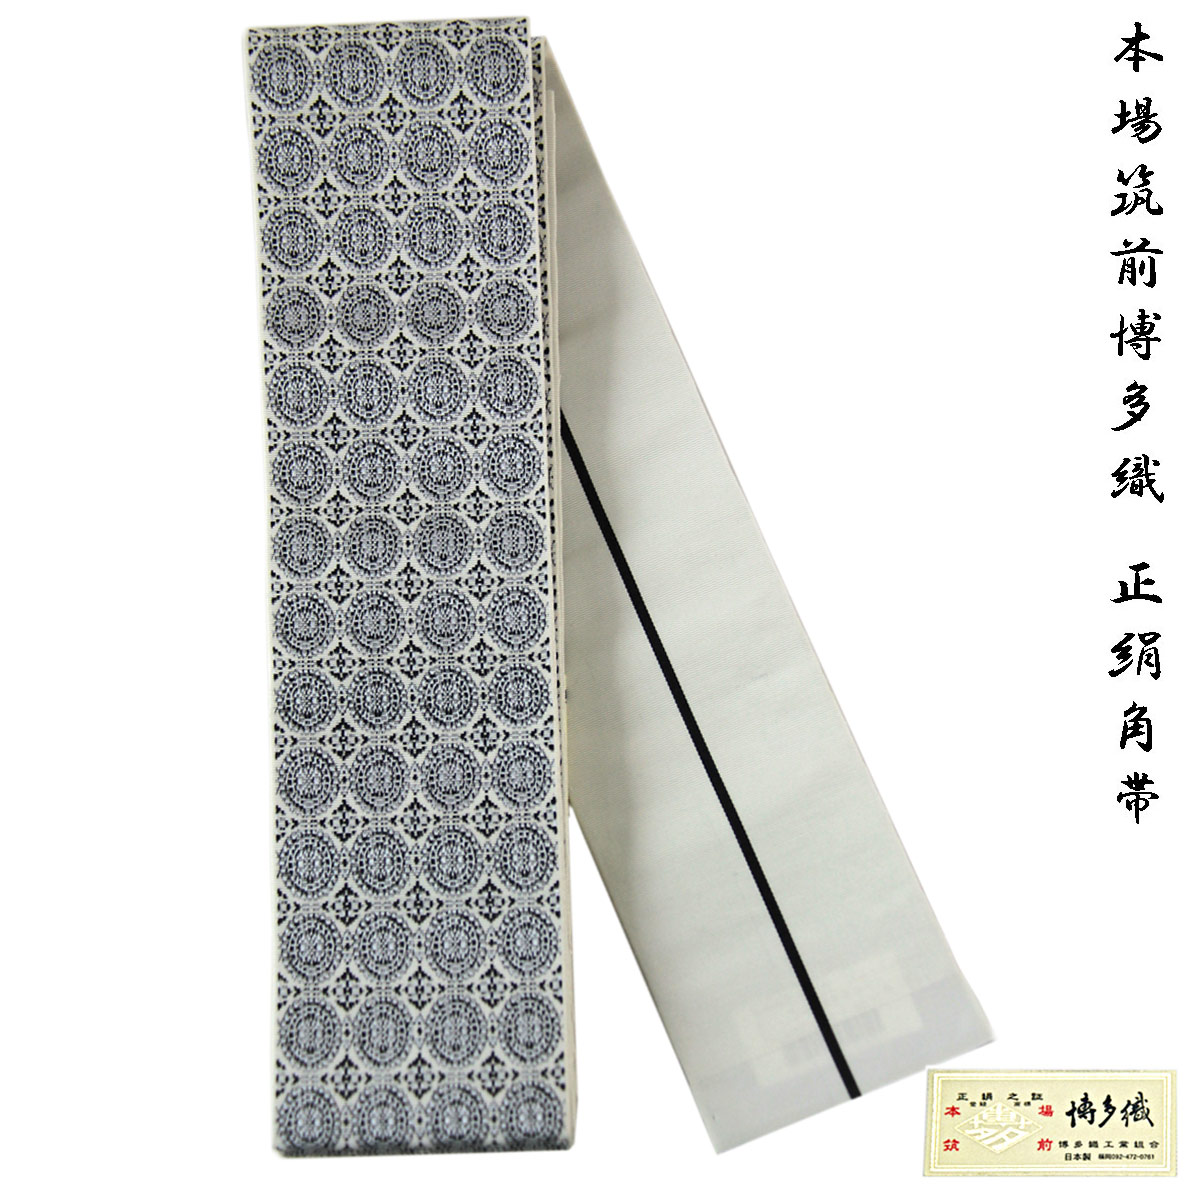 角帯 正絹 -55- 博多帯 長尺 男帯 浴衣帯 絹100% 日本製 正倉院文様 連珠文 白